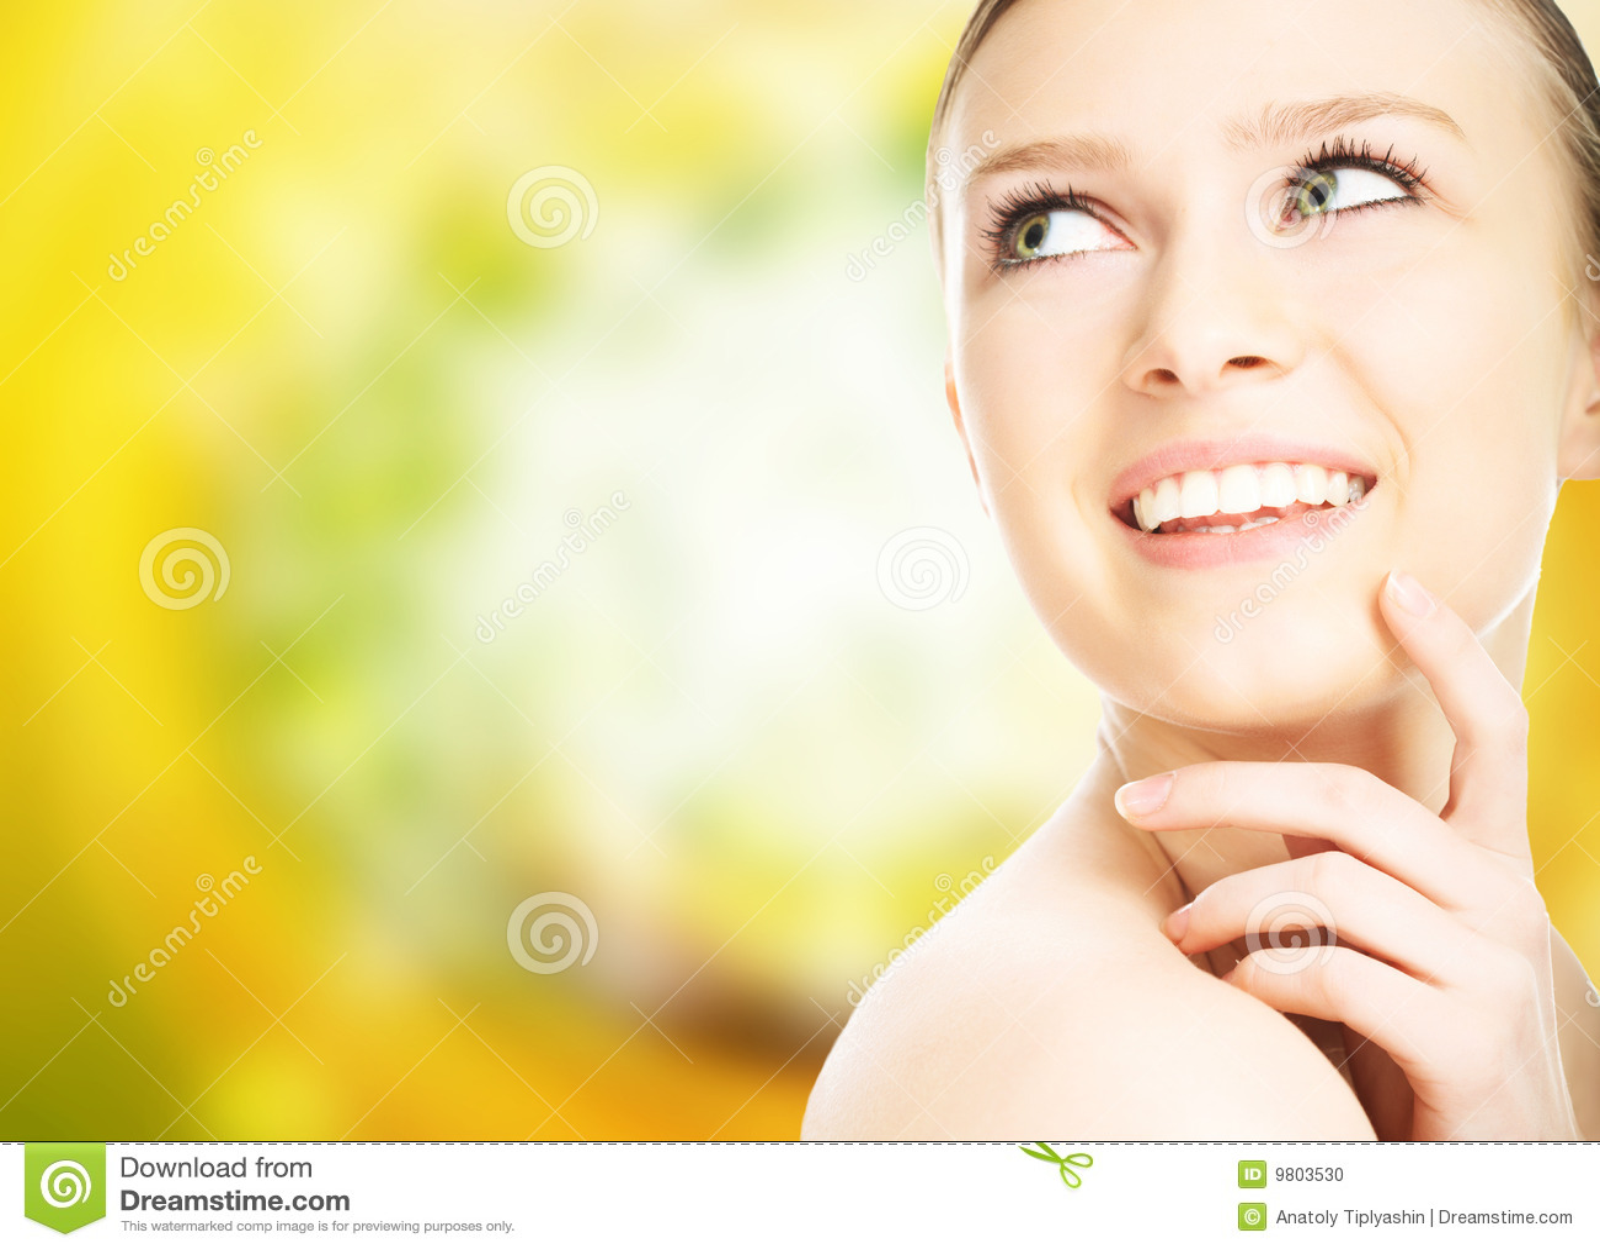 Piękna zakończenia twarzy portret w górę kobiety